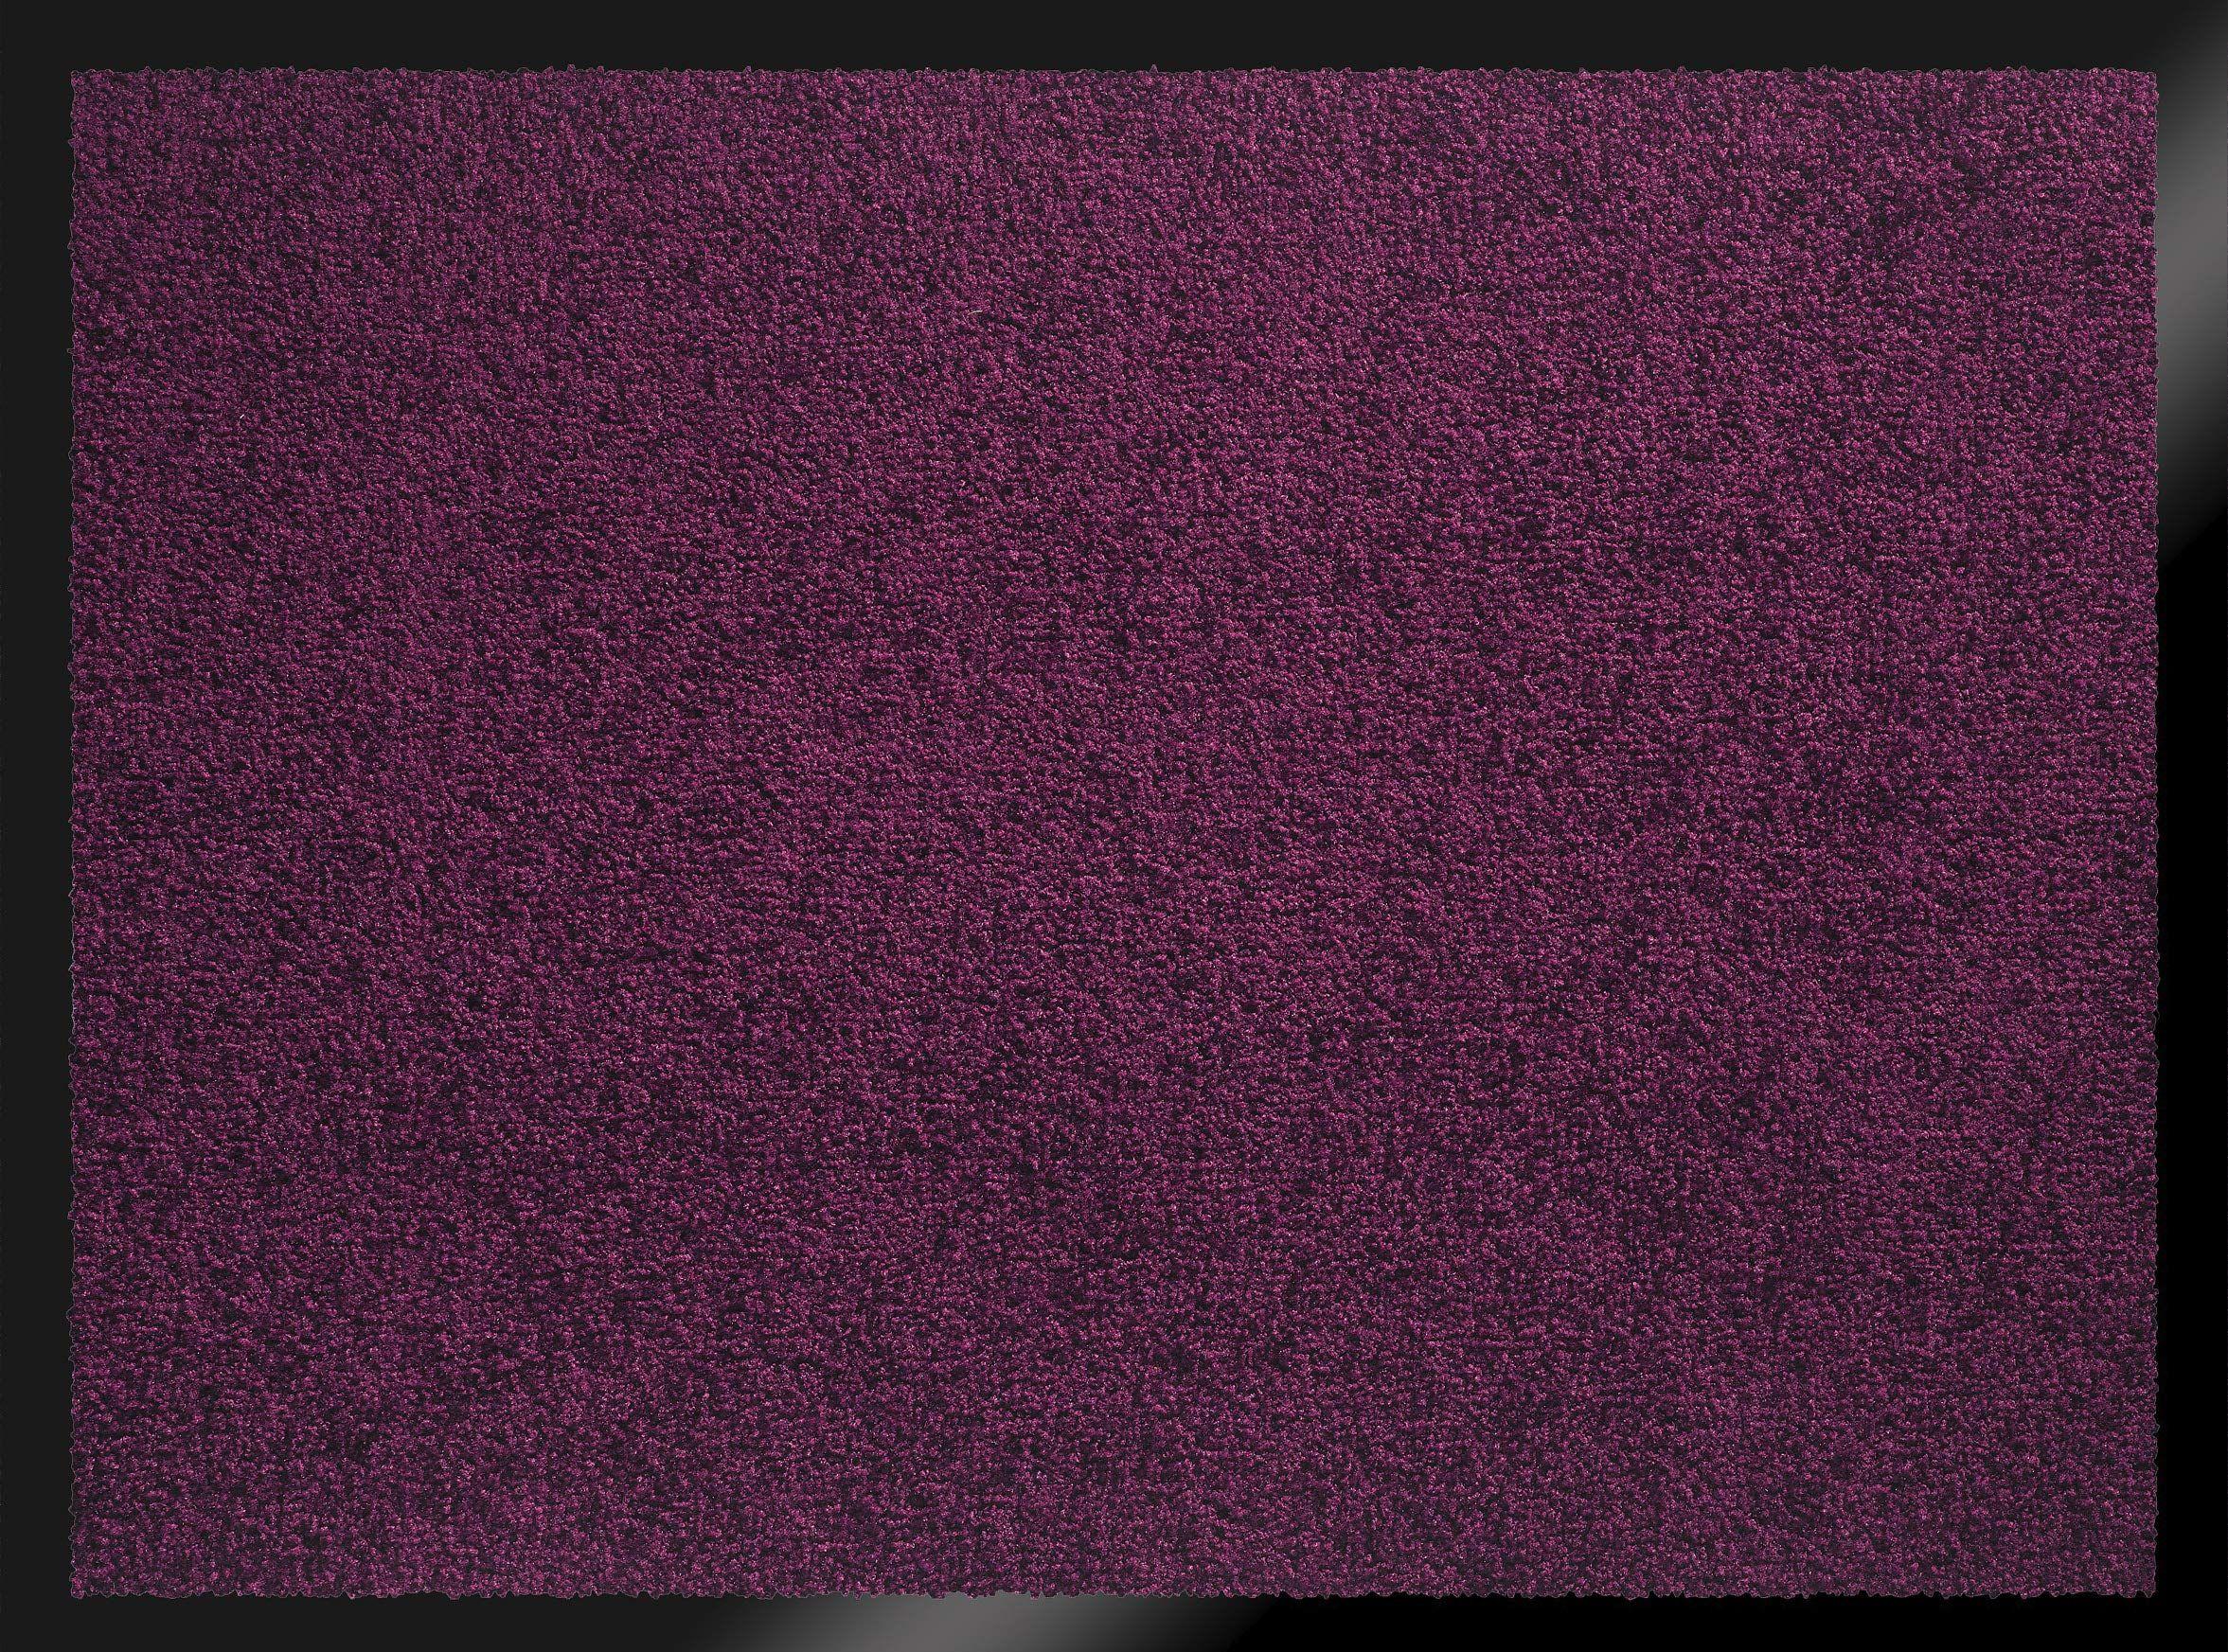 ID mat t 608013 Mirande dywan wycieraczka włókno nylon/PCW gumowany śliwka 80 x 60 x 0,9 cm